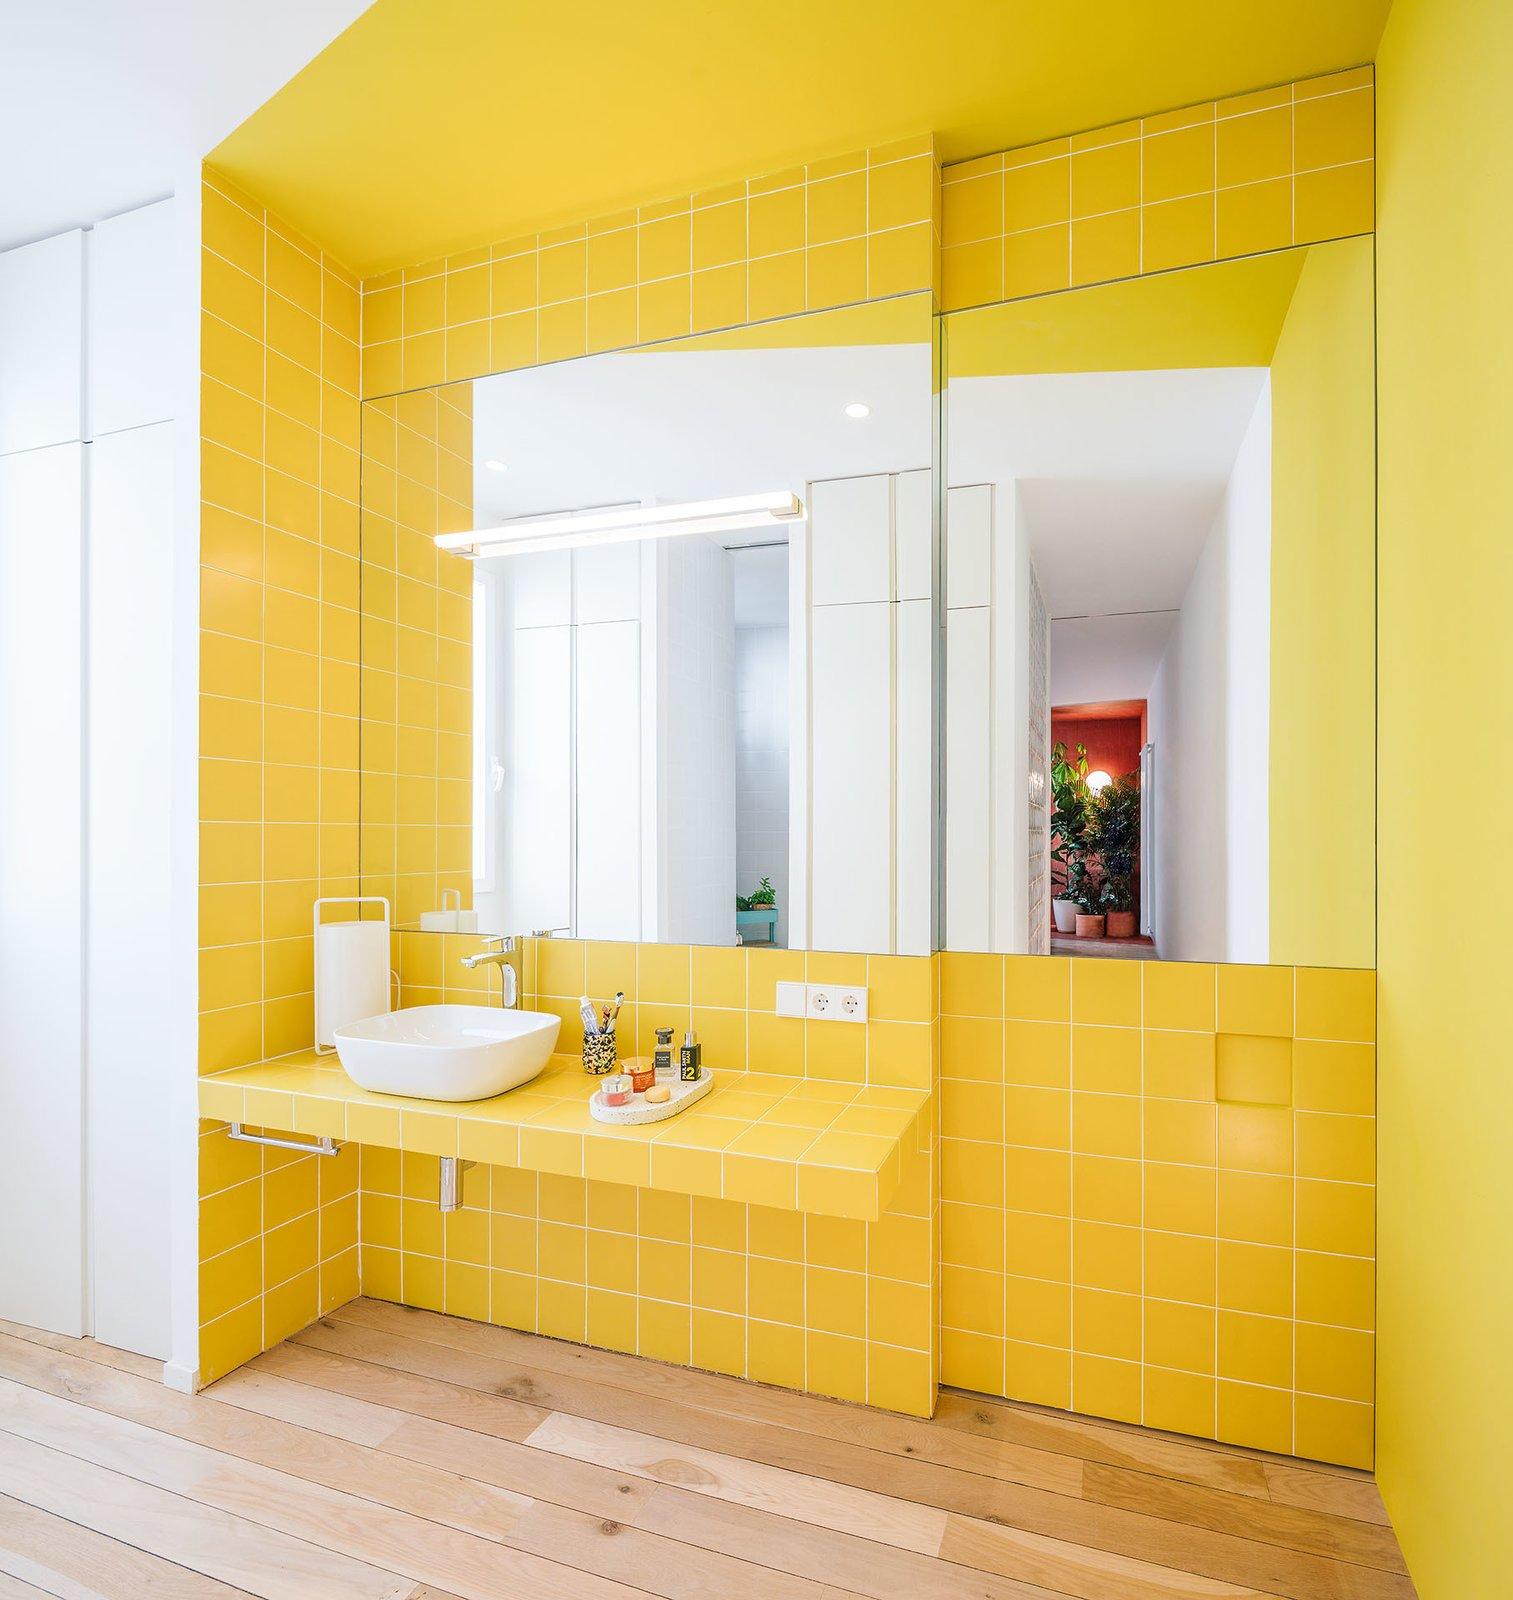 Sequence House bathroom